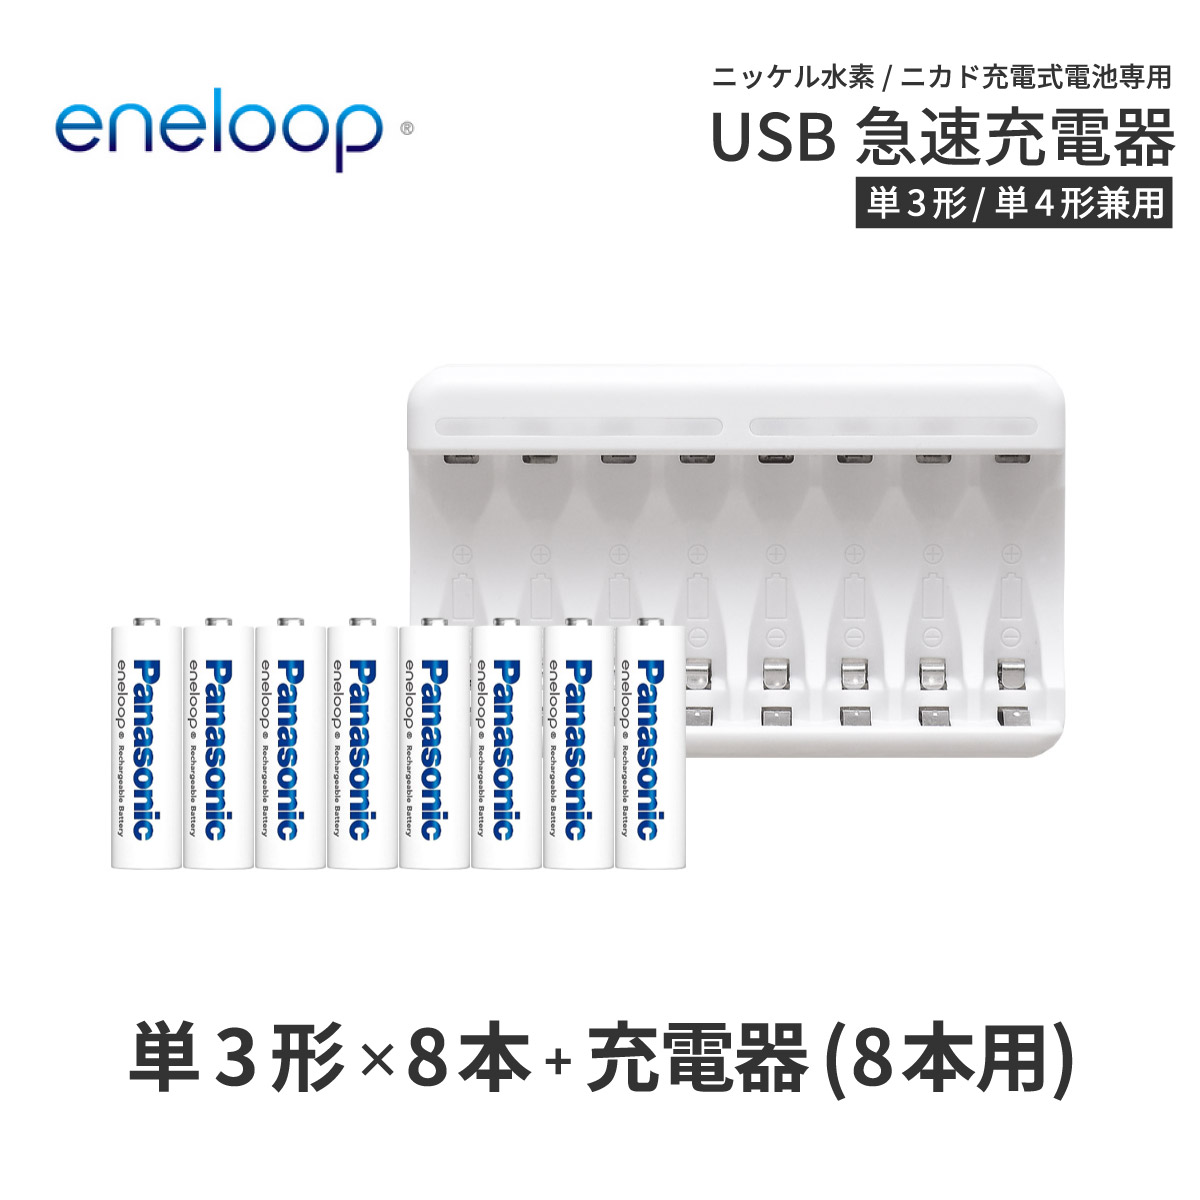 乾電池 から充電池へ 電池 単三 単3 返品交換不可 充電器 日本正規品 チャージャー エネループ eneloop 急速充電器 充電器セット単3形 充電池 USB 単3ネコポス送料無料 8本とUSB充電器のセット ニッケル水素電池